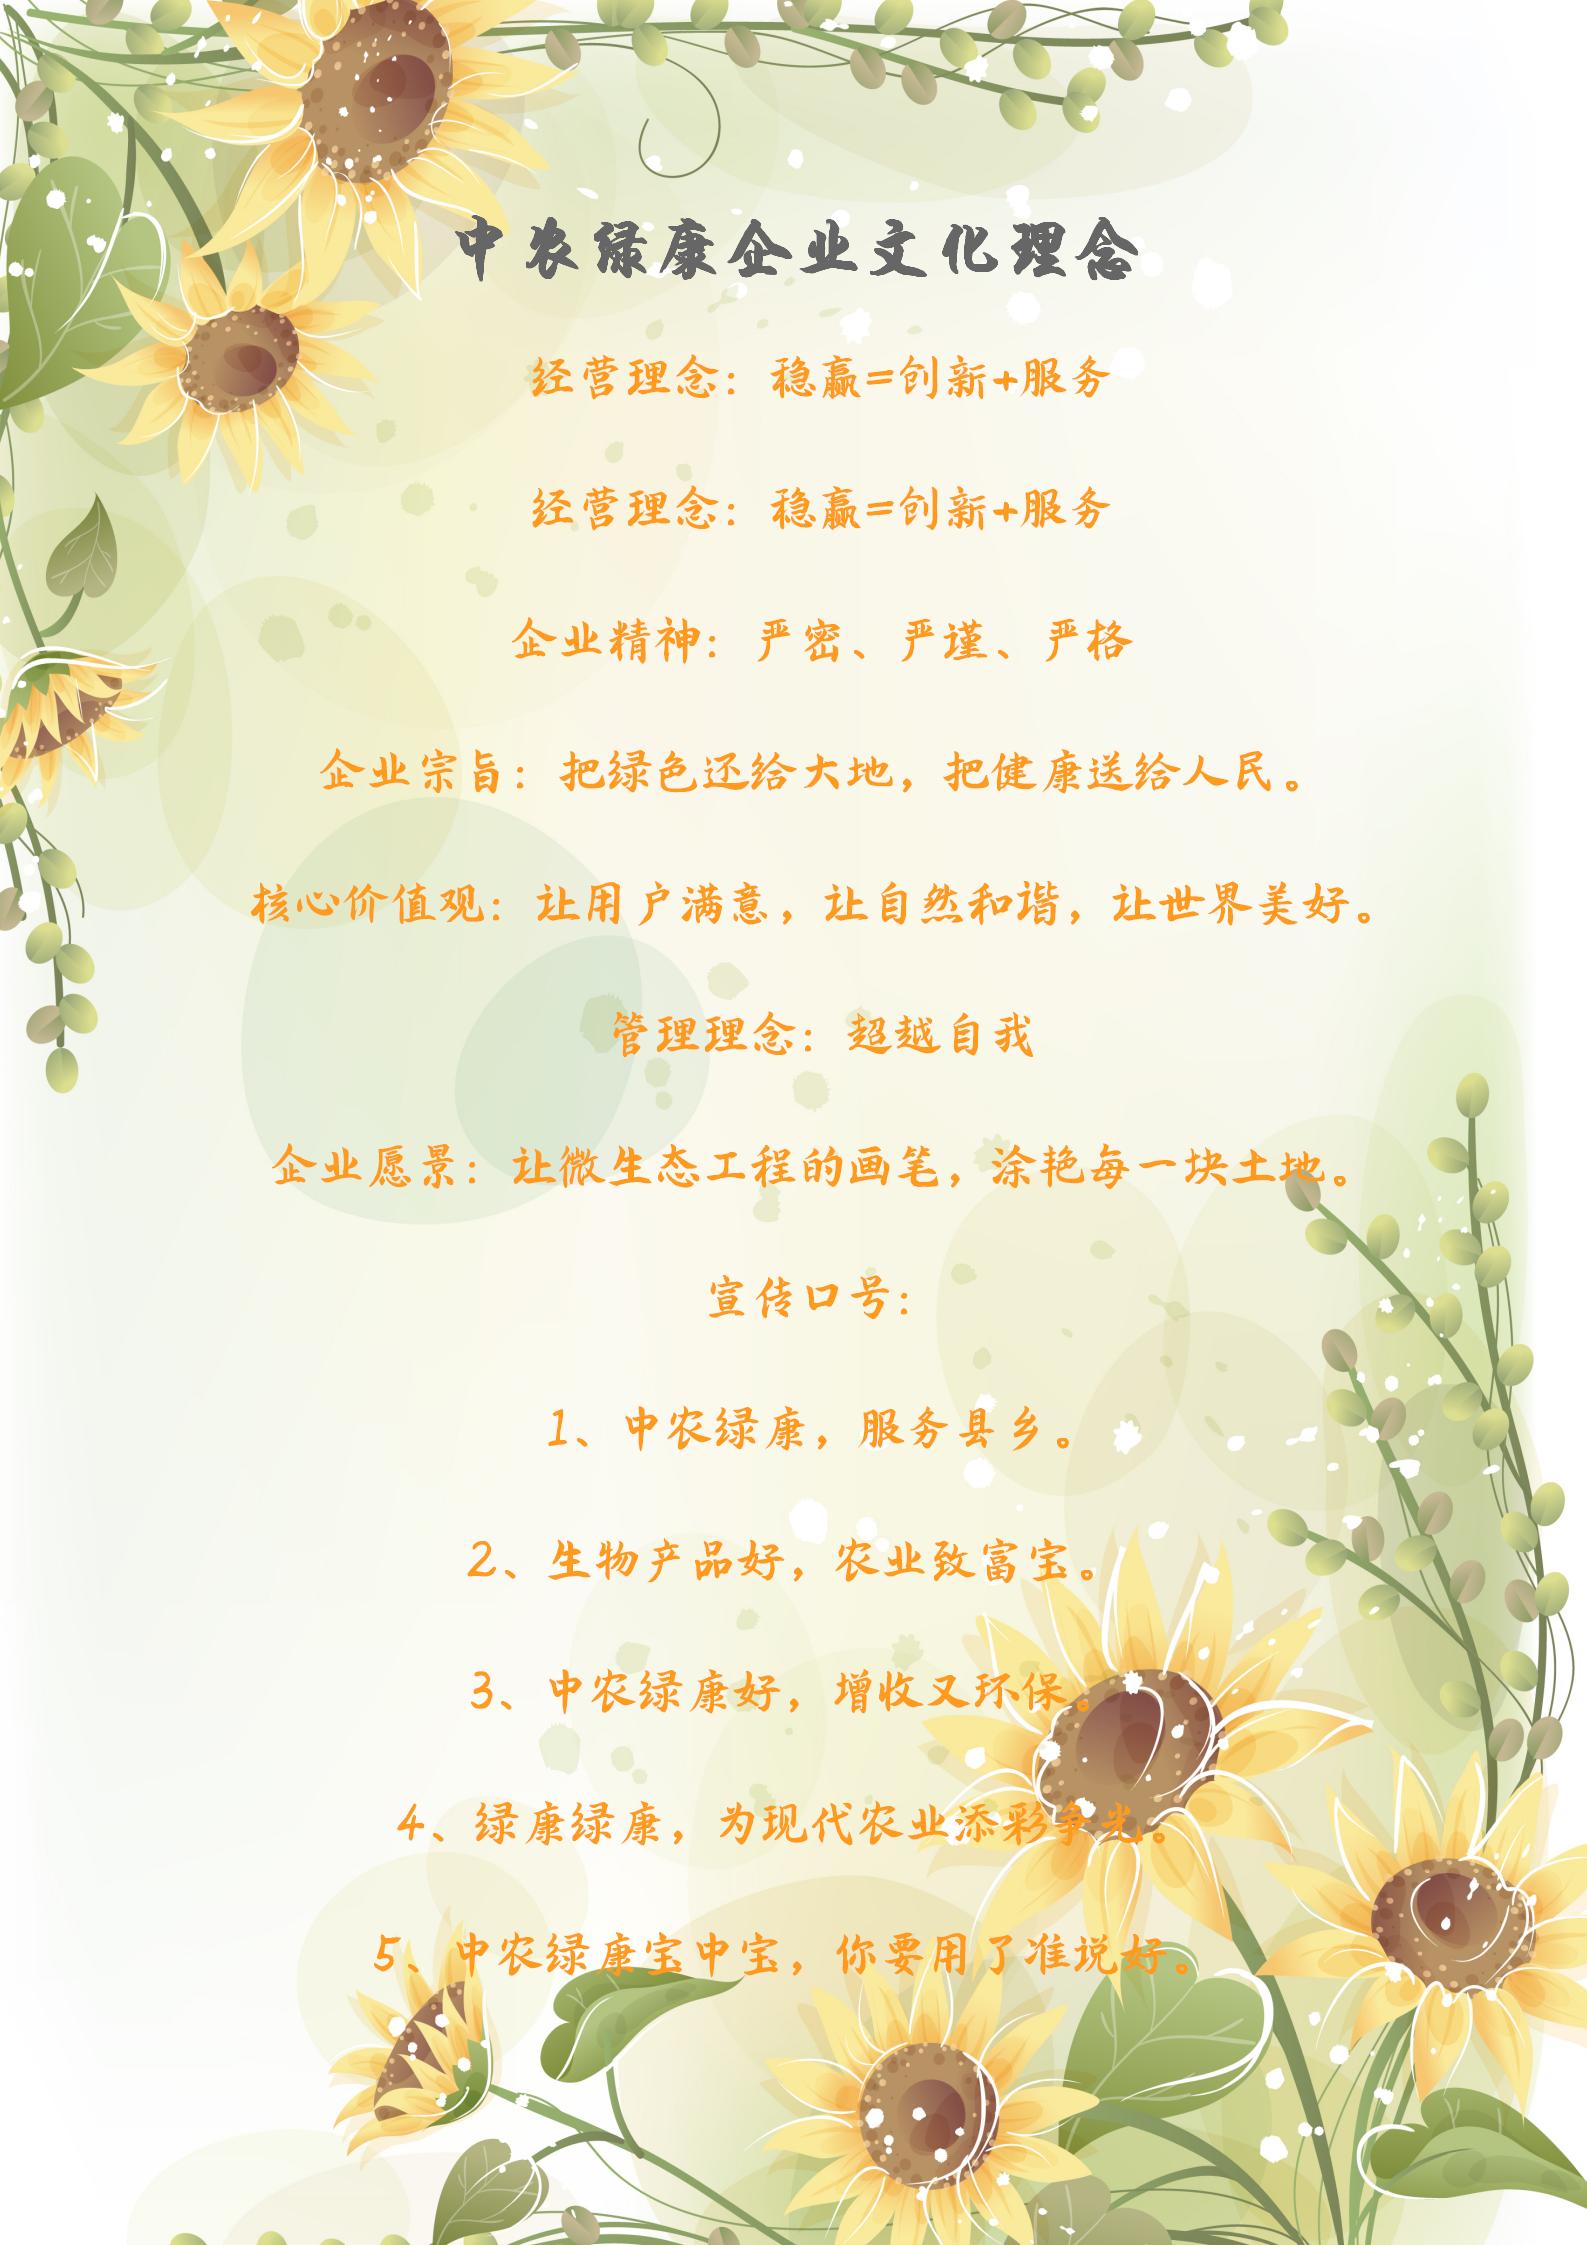 文字文稿2_01.png